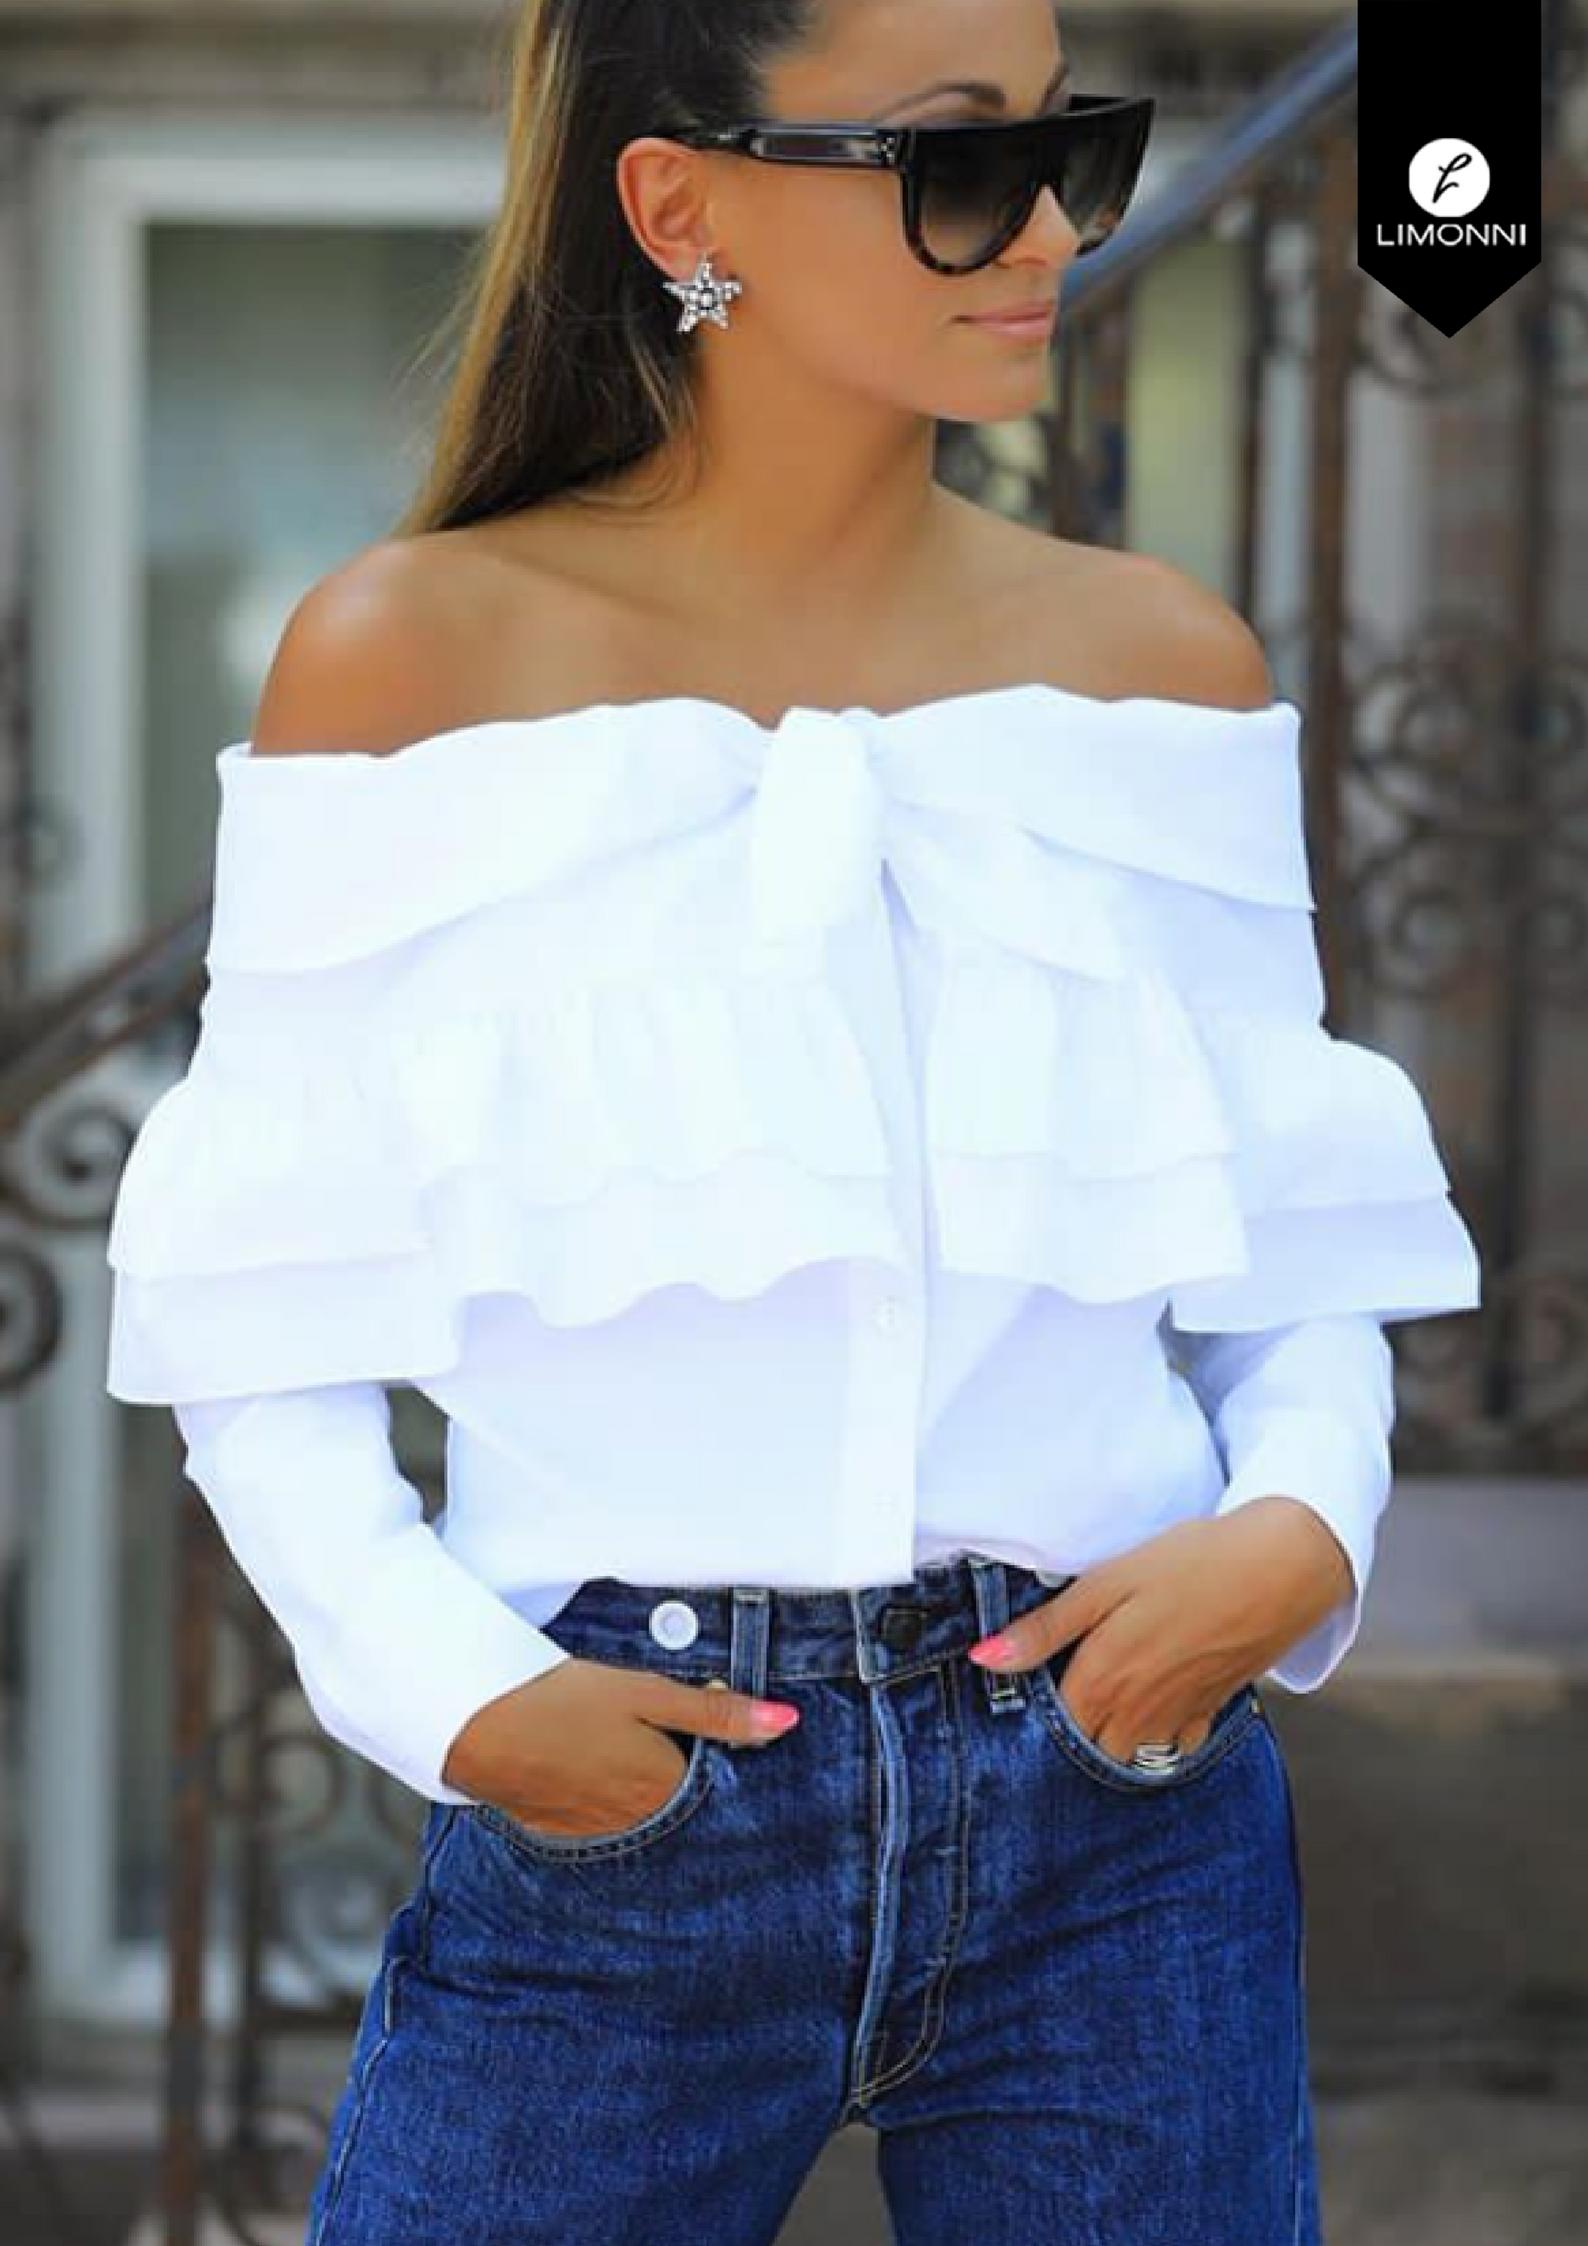 Blusas para mujer Limonni Novalee LI1578 Casuales